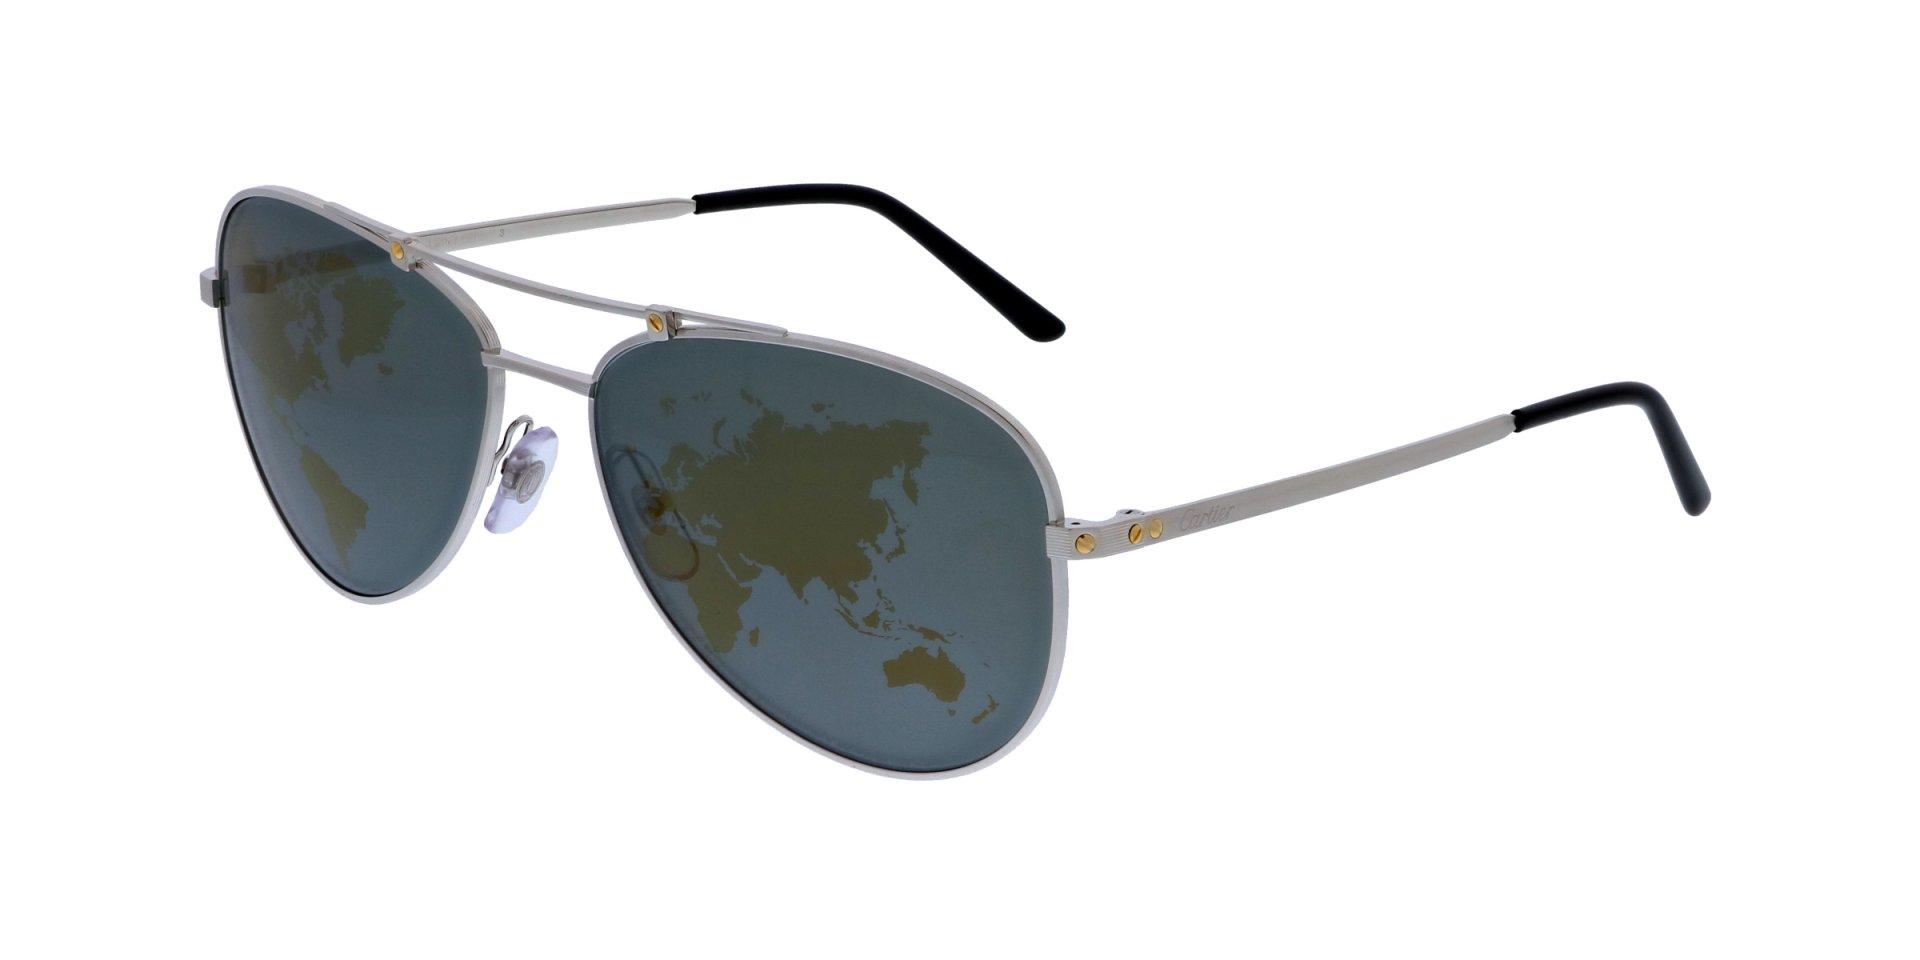 570fc495a5 Sunglasses CARTIER